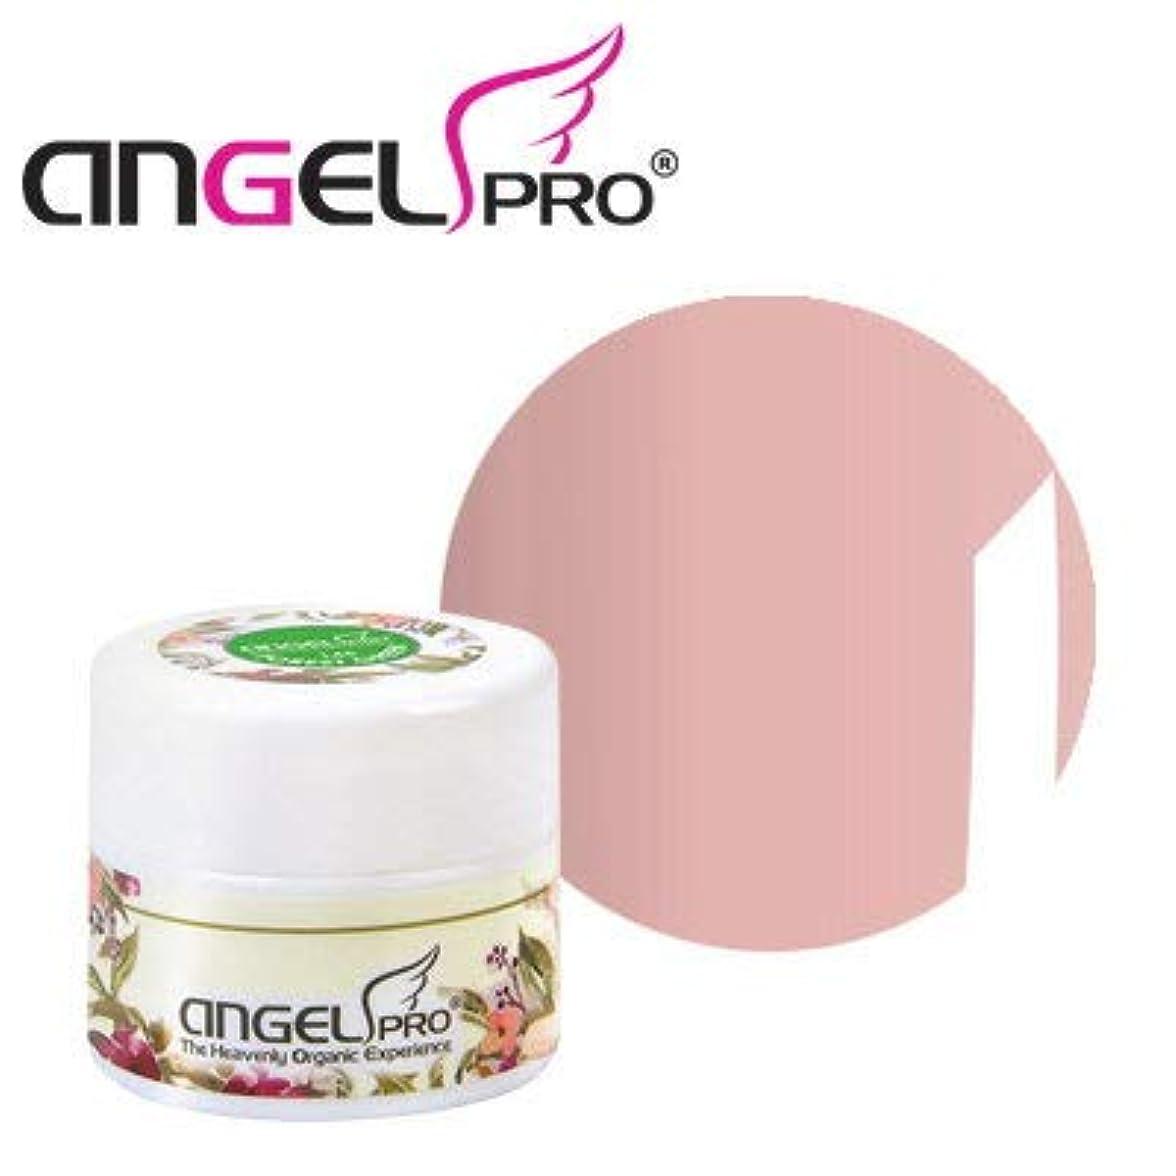 理容室コマース評価可能ANGEL PRO ポットジェリー #189 APRICOT 4g